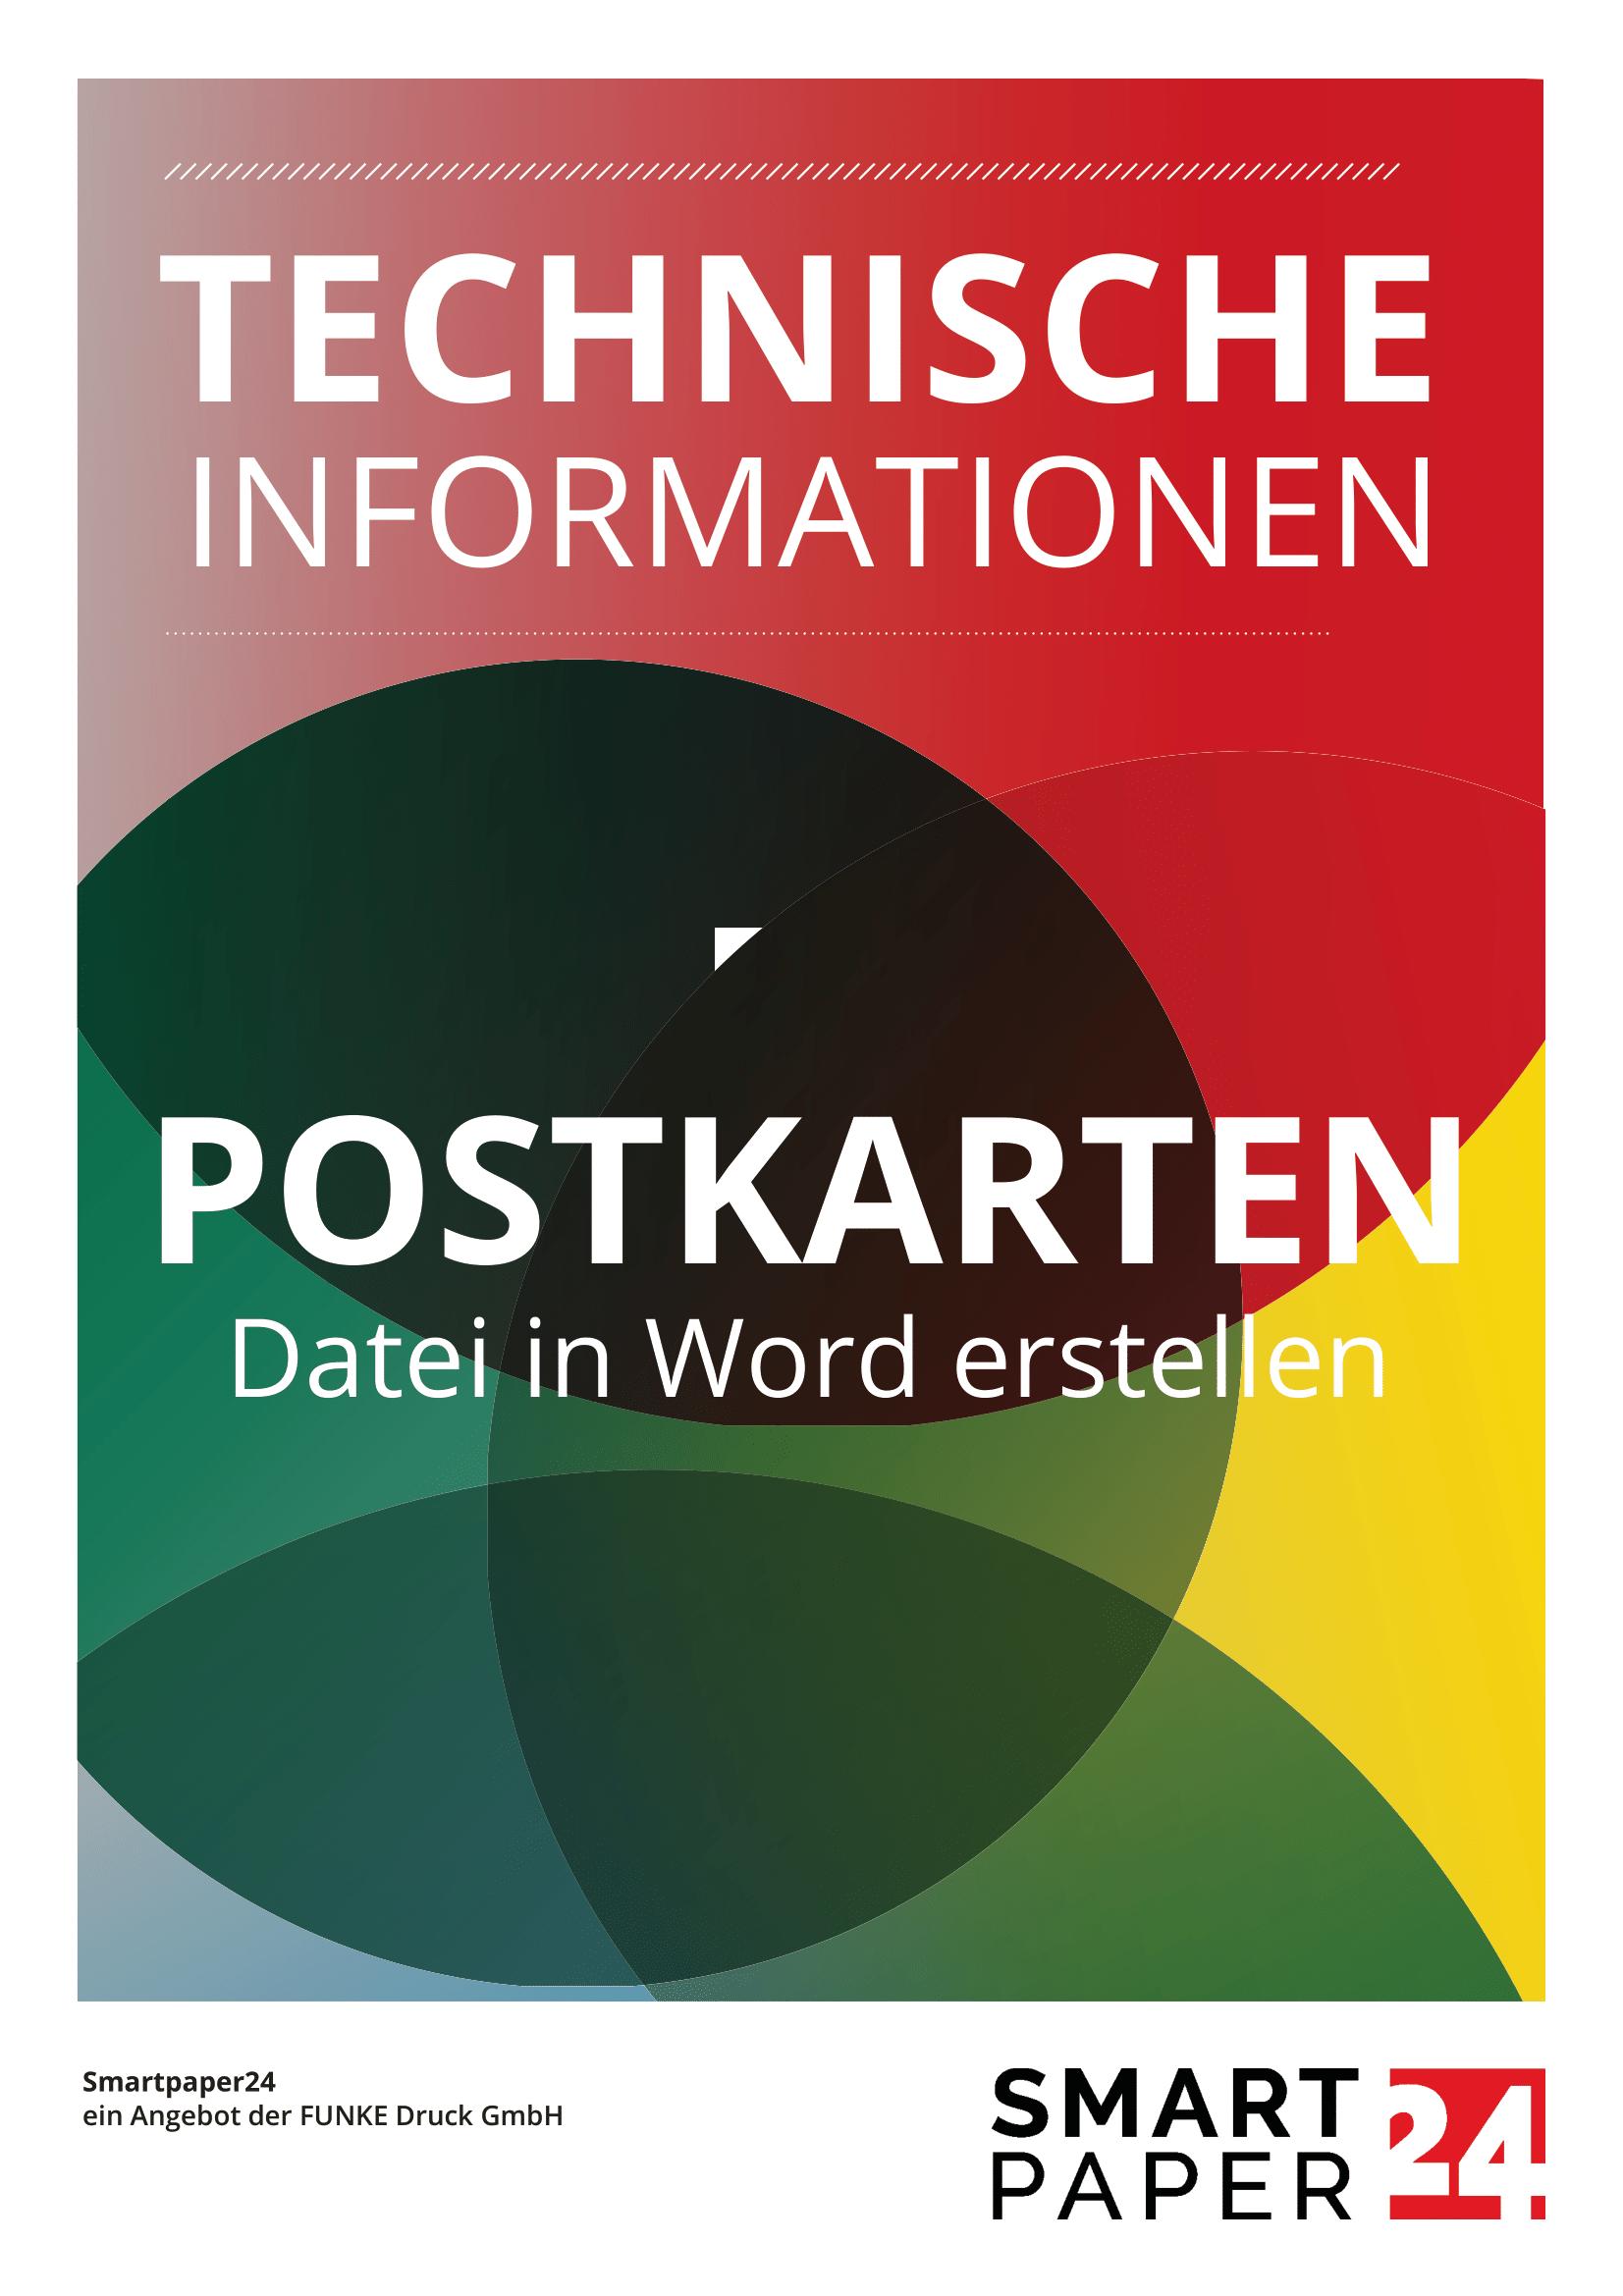 Postkarte mit MS Word erstellen - Anleitung